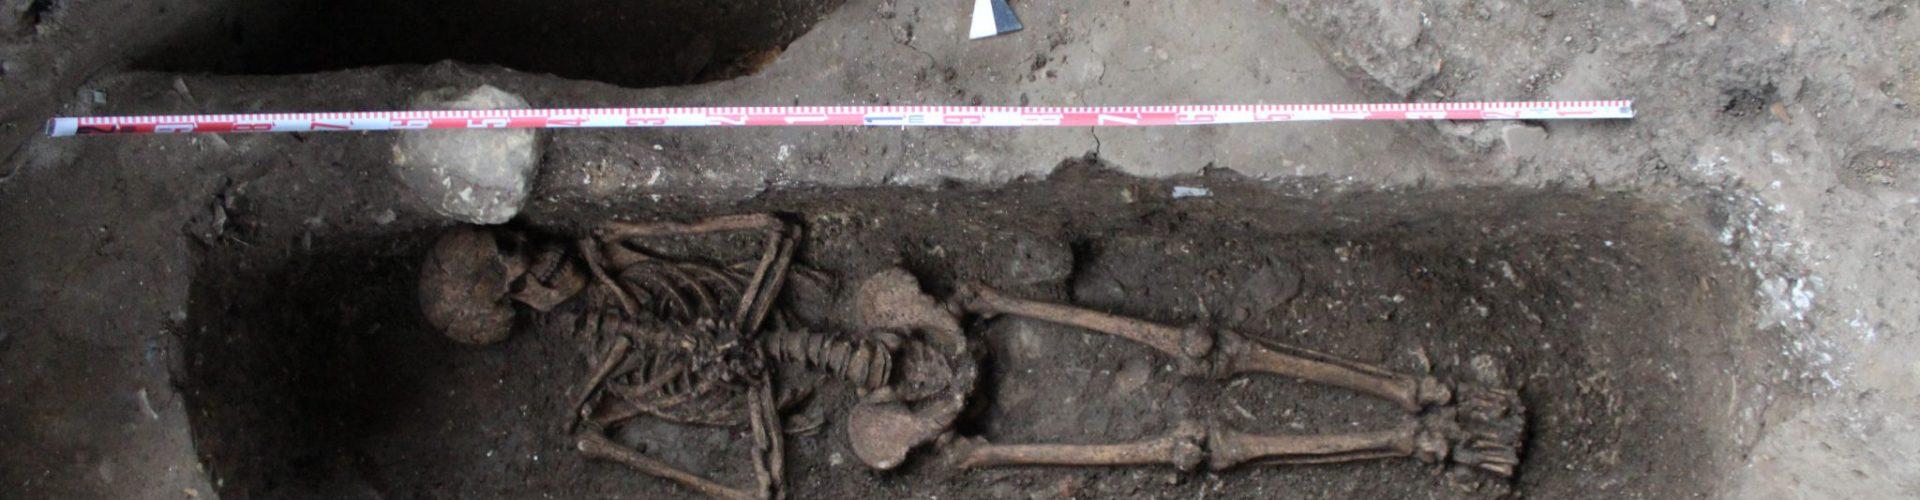 Aktuelle Ausgrabungen bringen neue Fakten über die europäische Kolonisierung Asiens